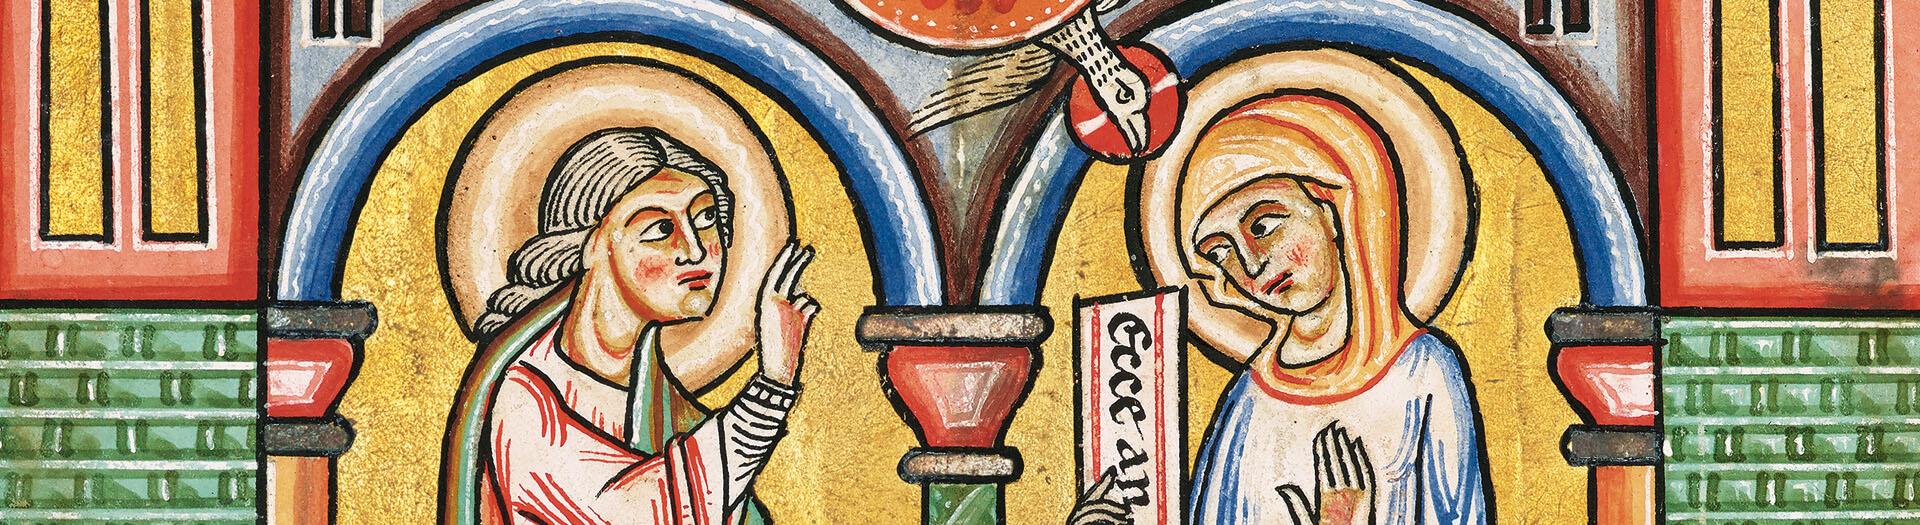 Stammheimer Missale, fol. 11v: Mariä Verkündigung (Detail)